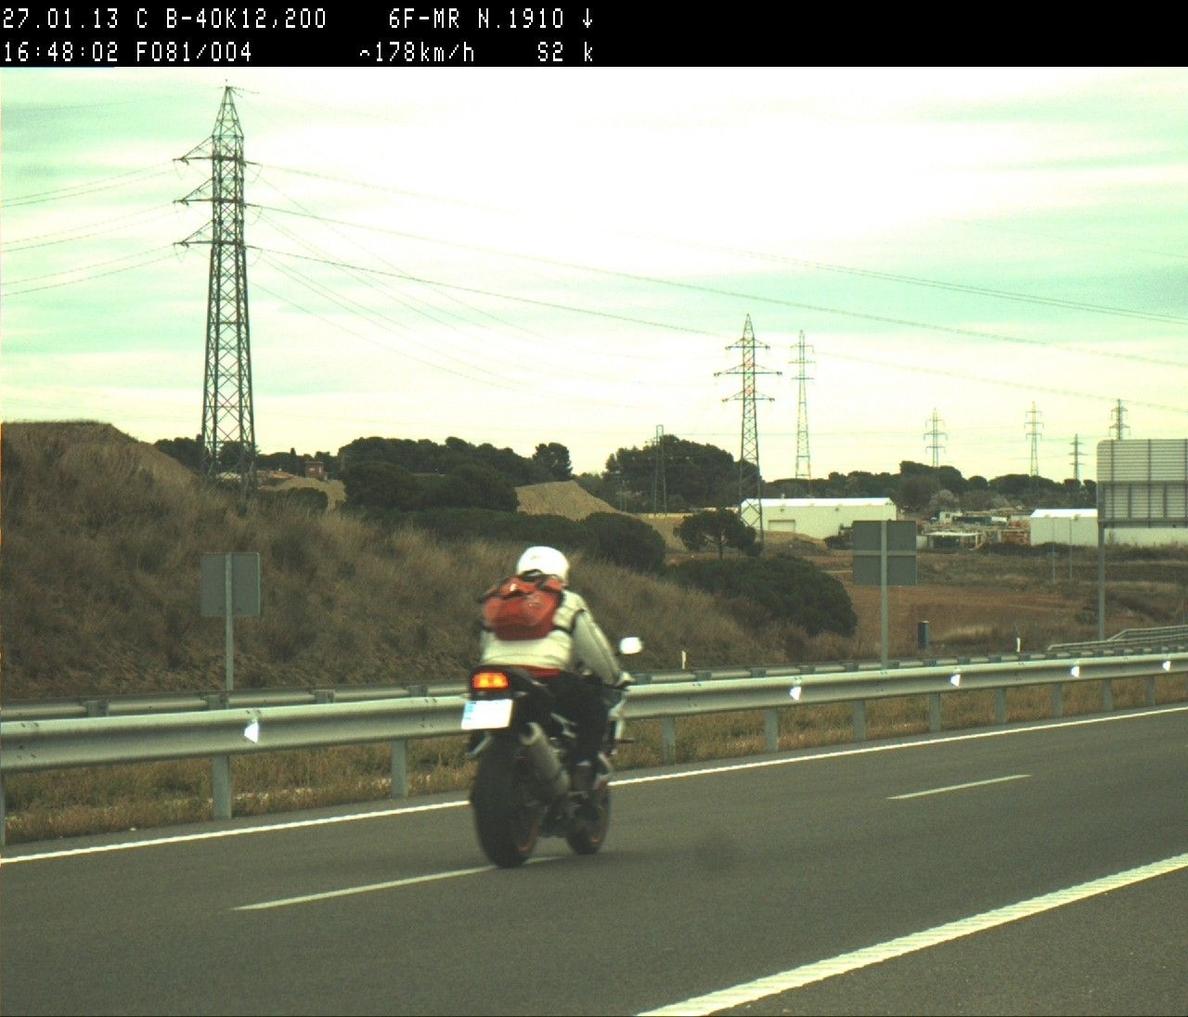 La DGT inicia este lunes una campaña especial de vigilancia y control de motocicletas en las carreteras gallegas